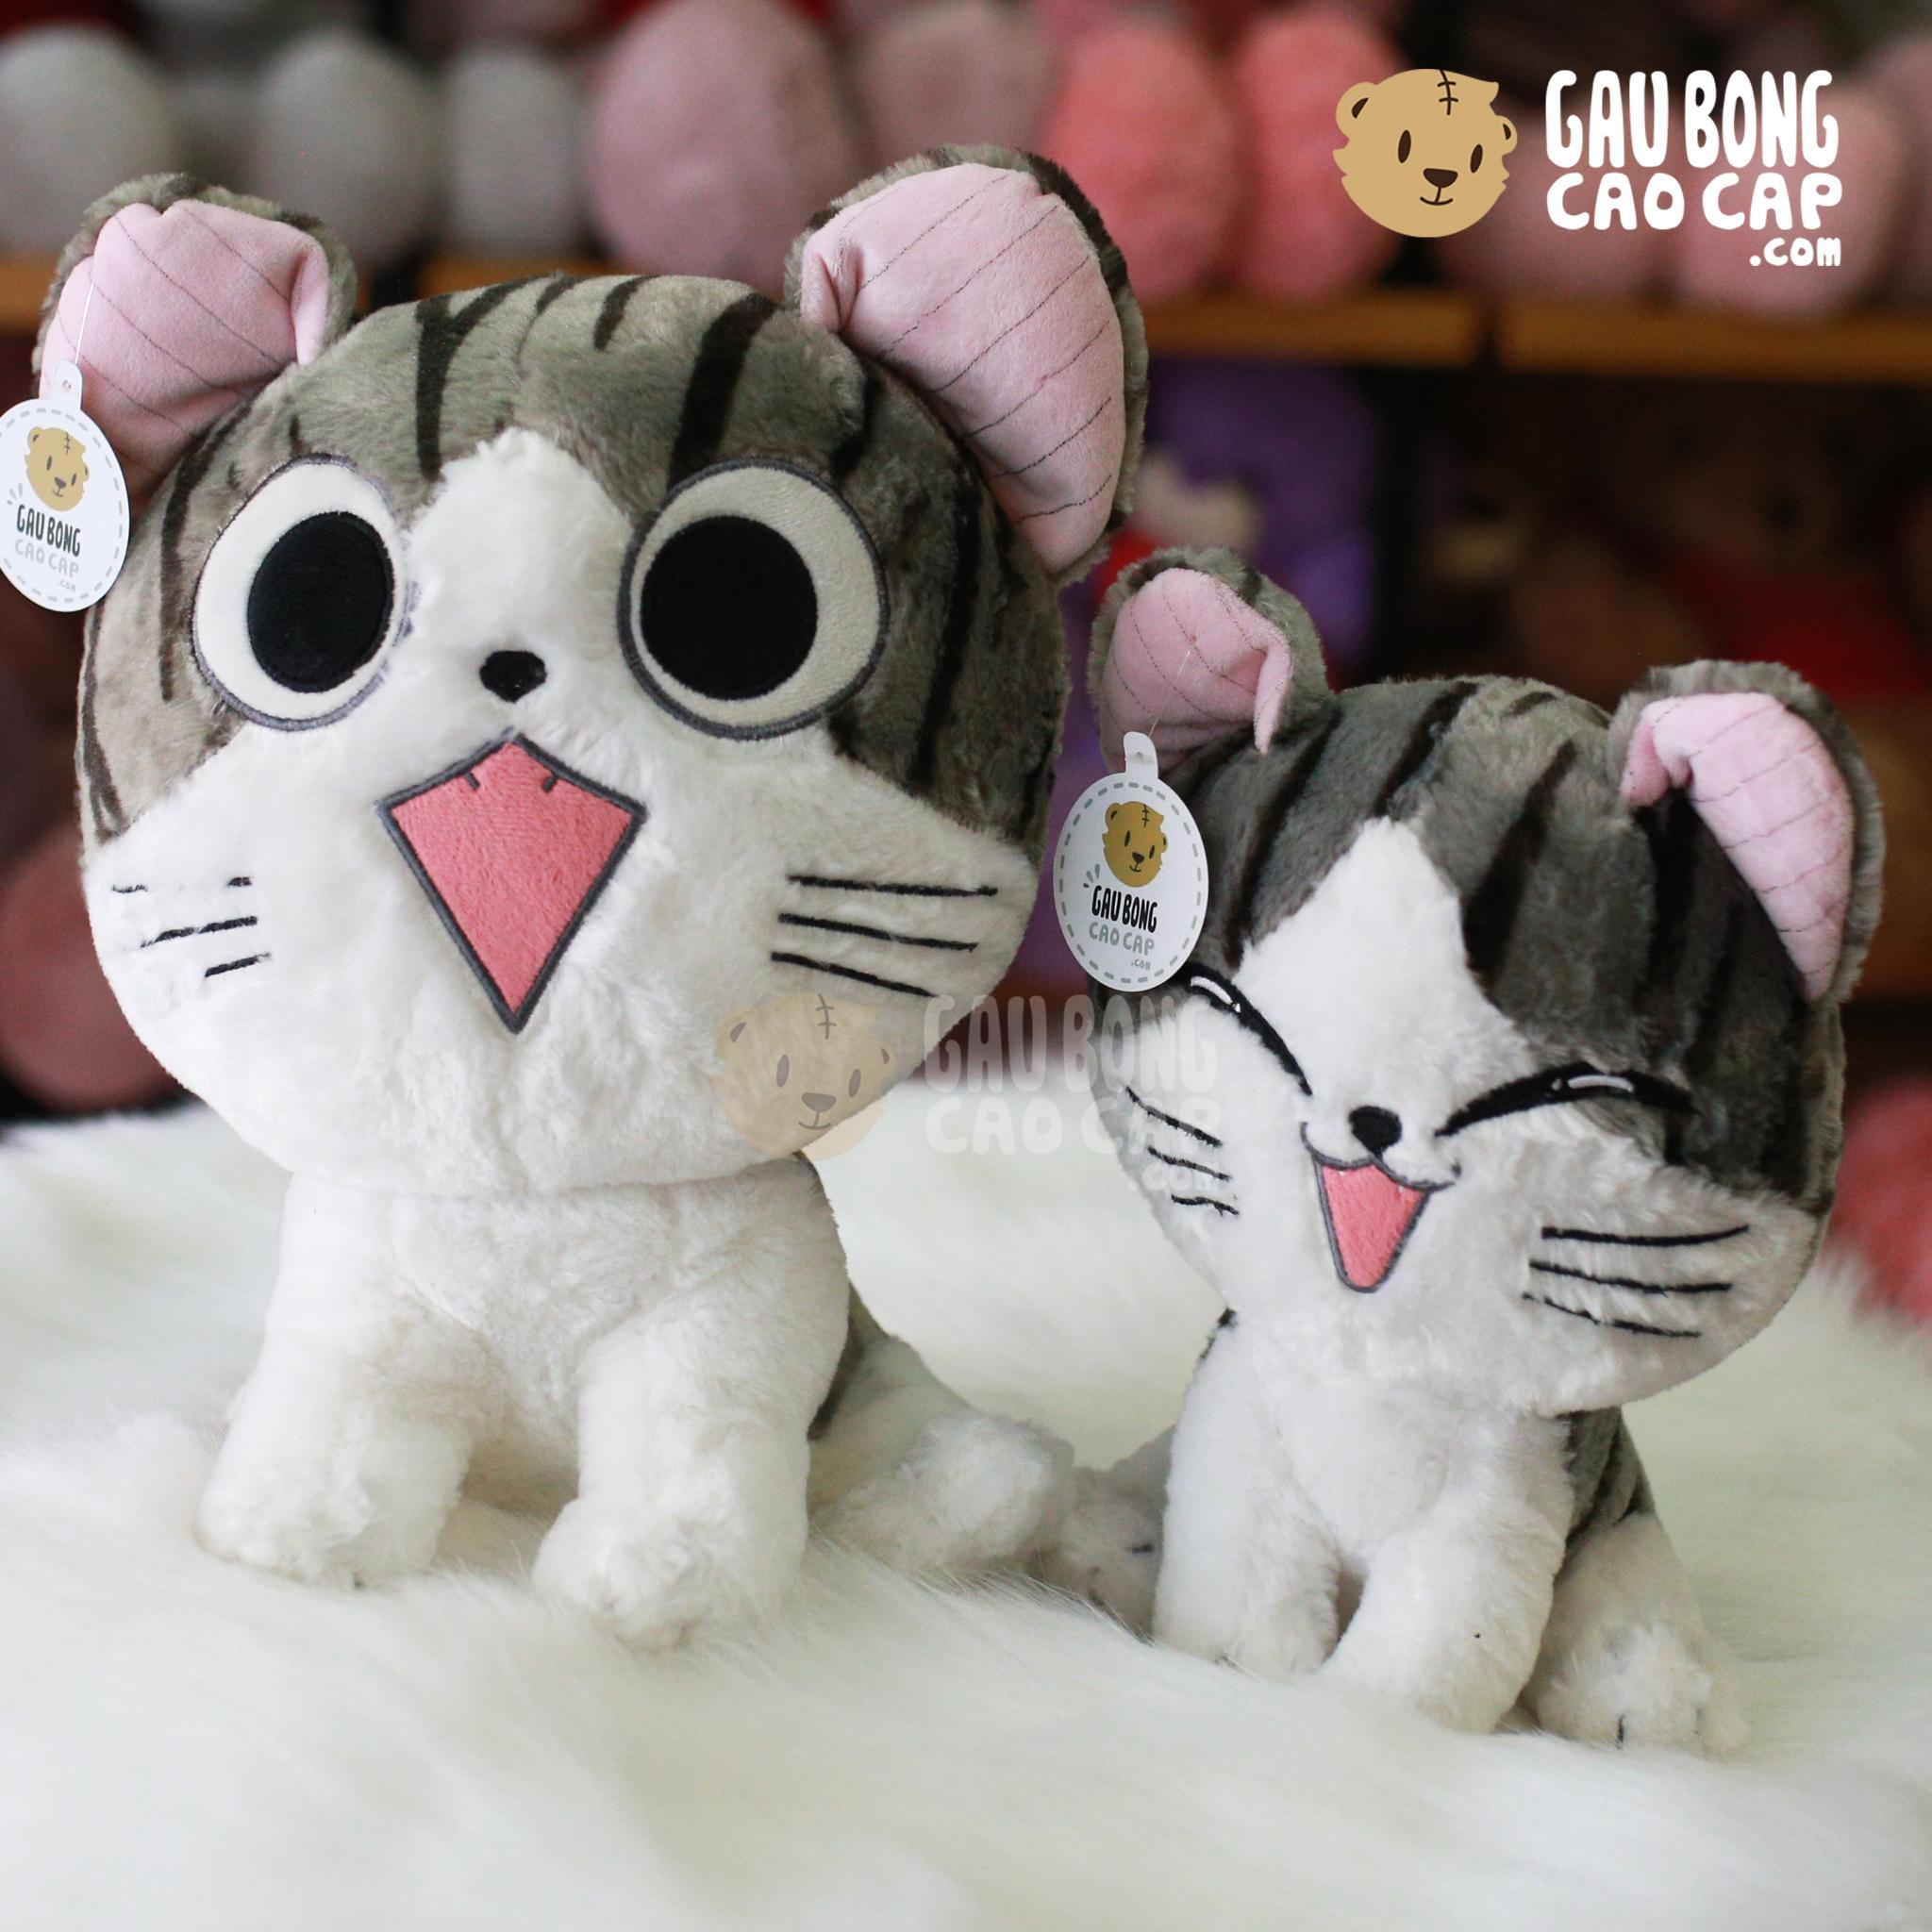 Mèo Bông Chii Ngồi